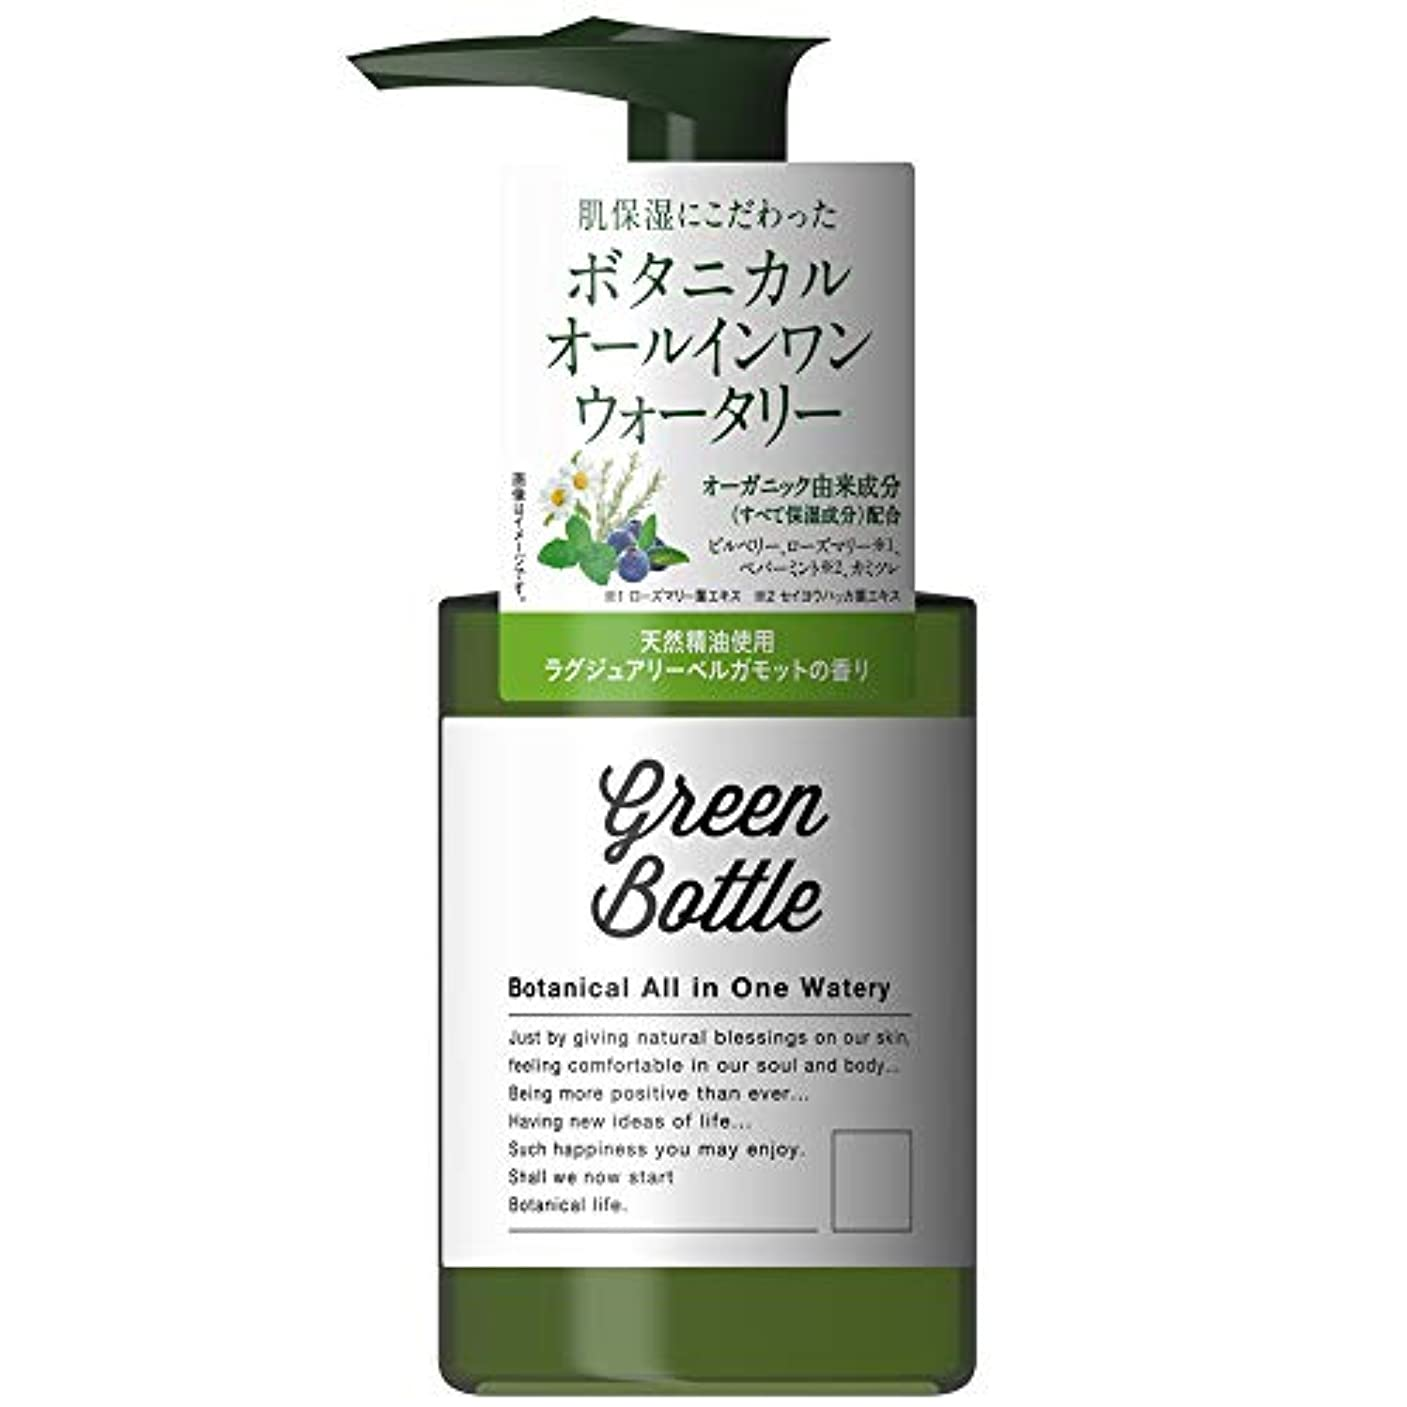 グリーンボトルボタニカルオールインワンウォータリー